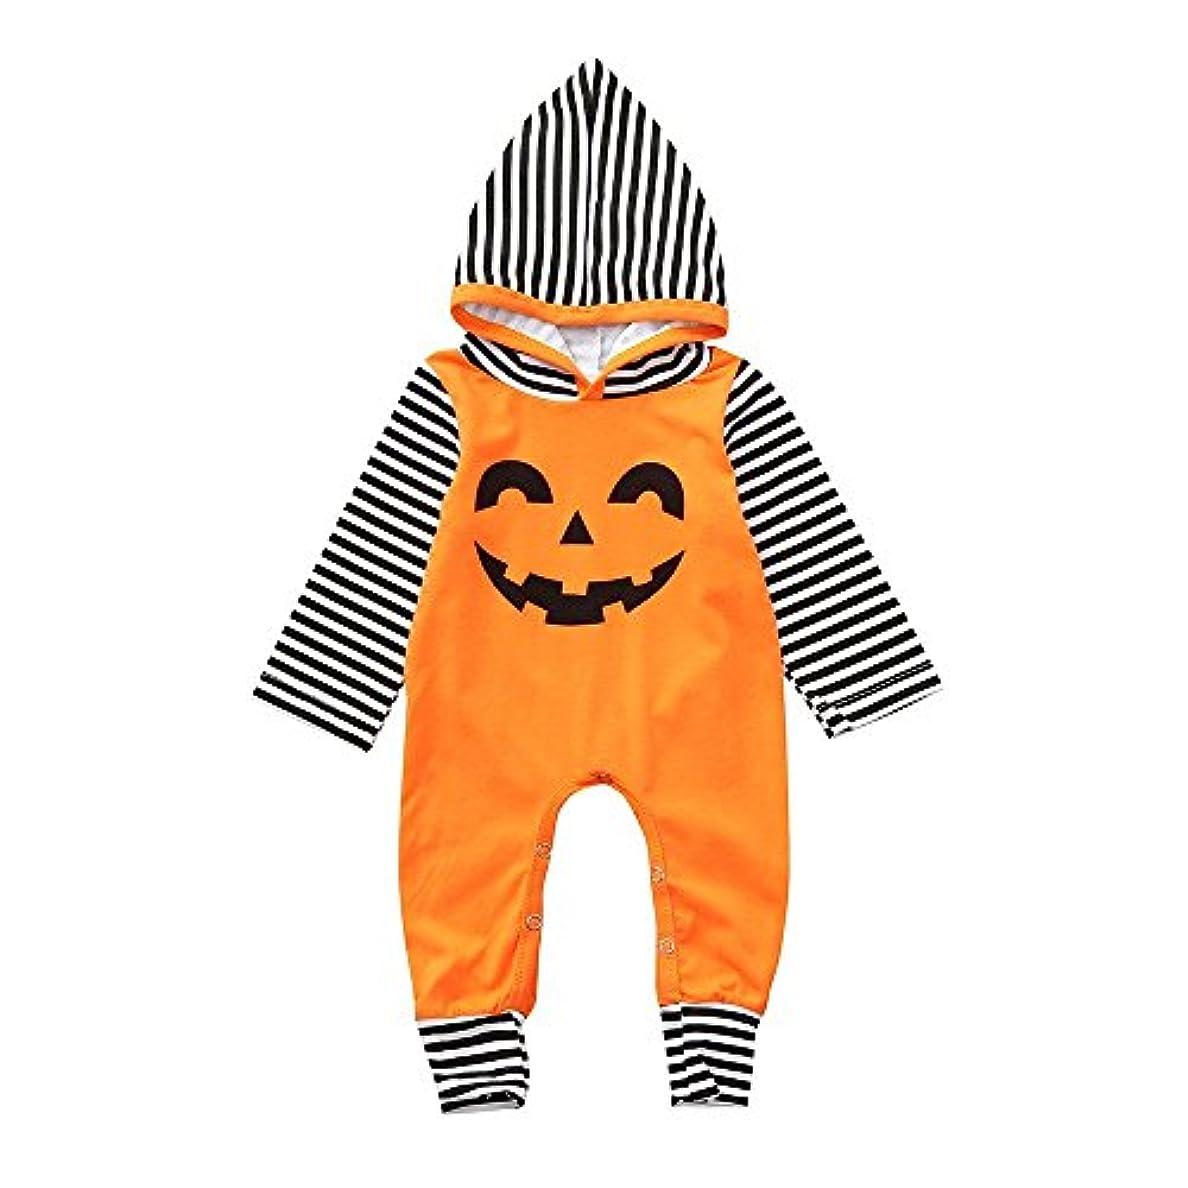 スカイリフト偉業BHKK 子供 幼児少年少女ロングスリーブフード付きロンパージャンプススイートハロウィーンデコレーション服装 6ヶ月 - 24ヶ月 6ヶ月